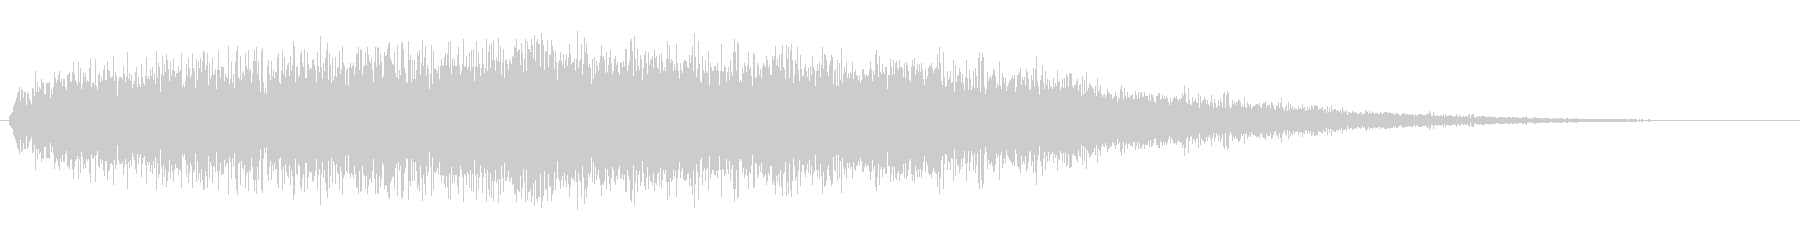 シューン(高速移動の音)の未再生の波形